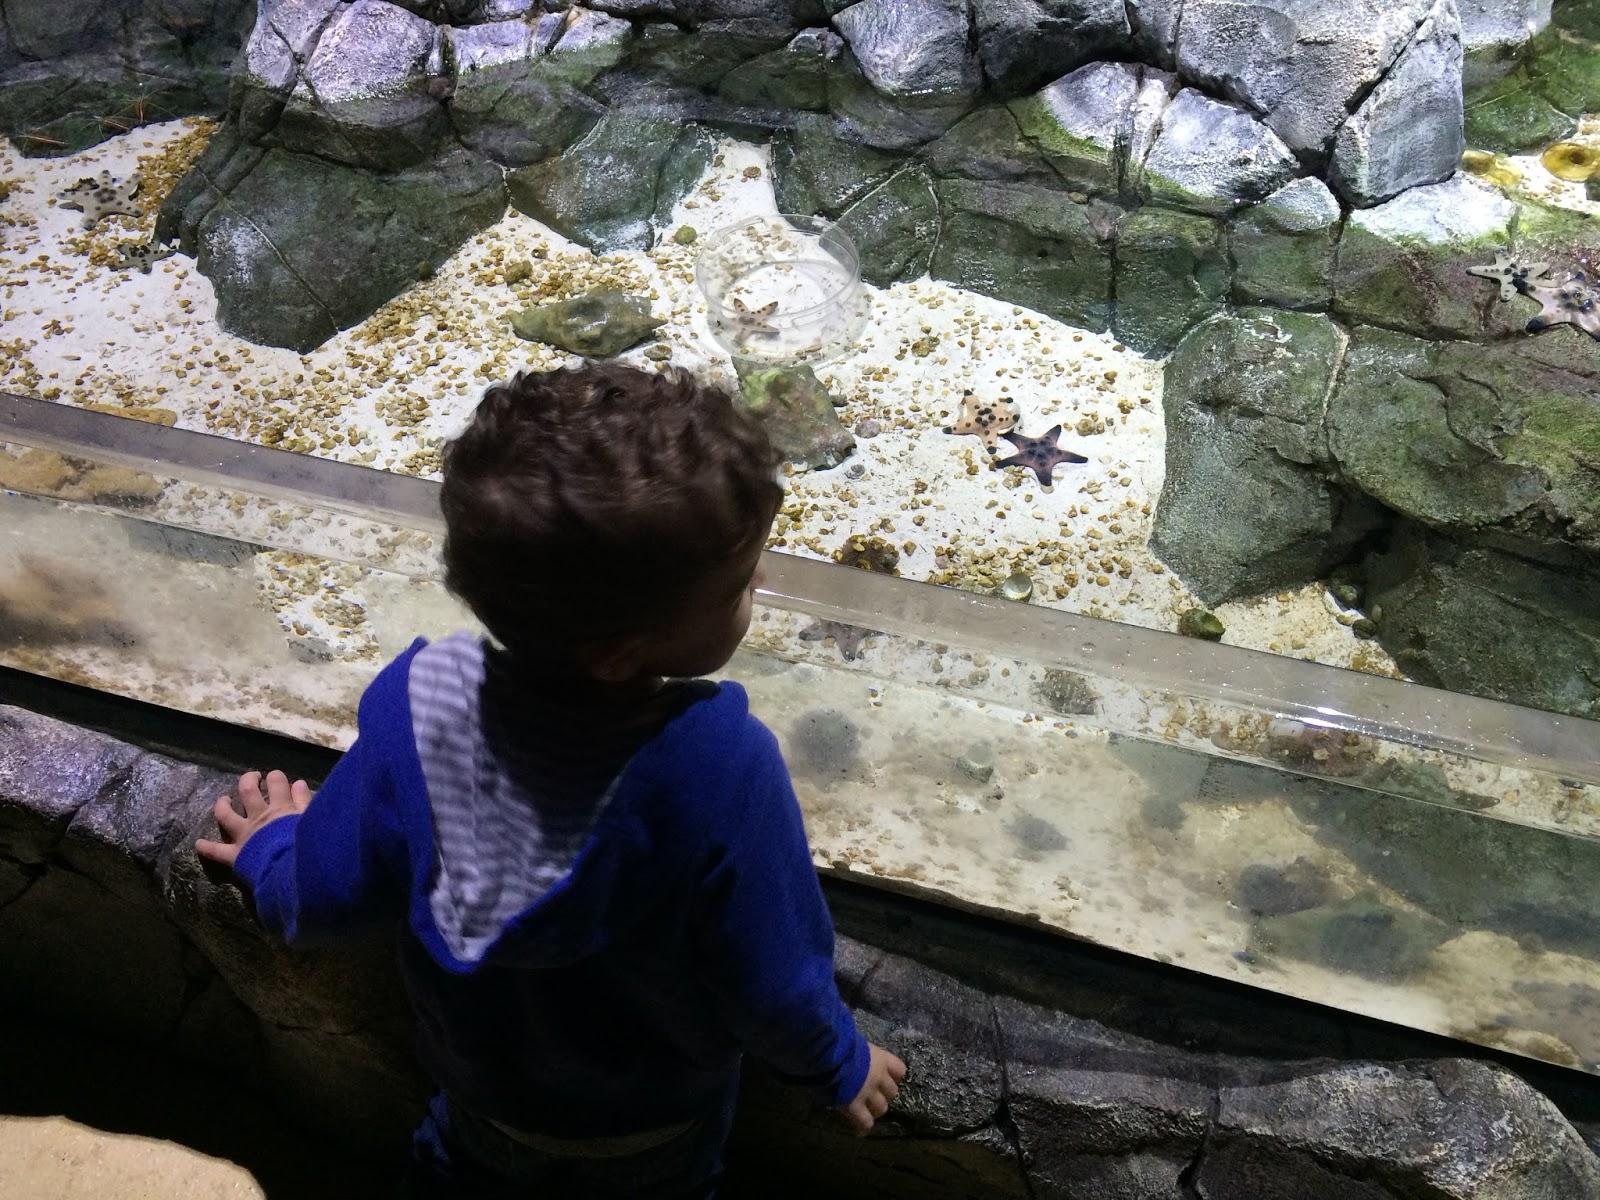 Discount Sea Life Aquarium Charlotte Concord Admission